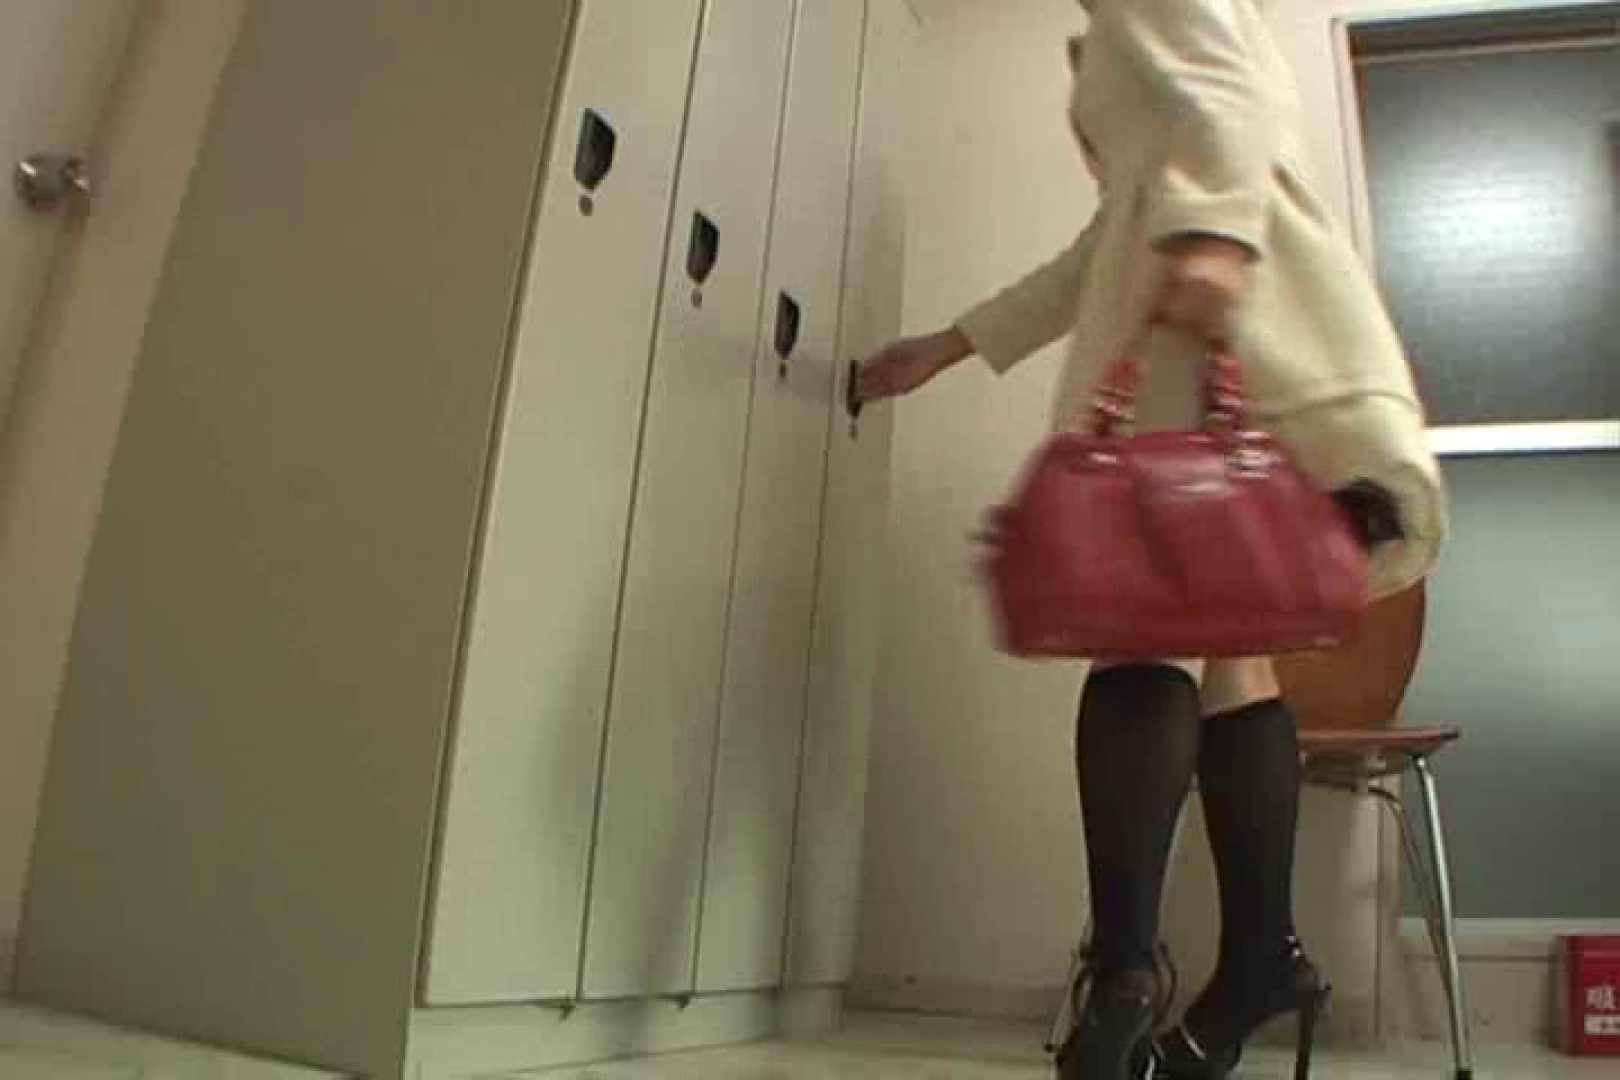 キャバ嬢舞台裏Vol.5 お姉さんのヌード アダルト動画キャプチャ 86画像 83